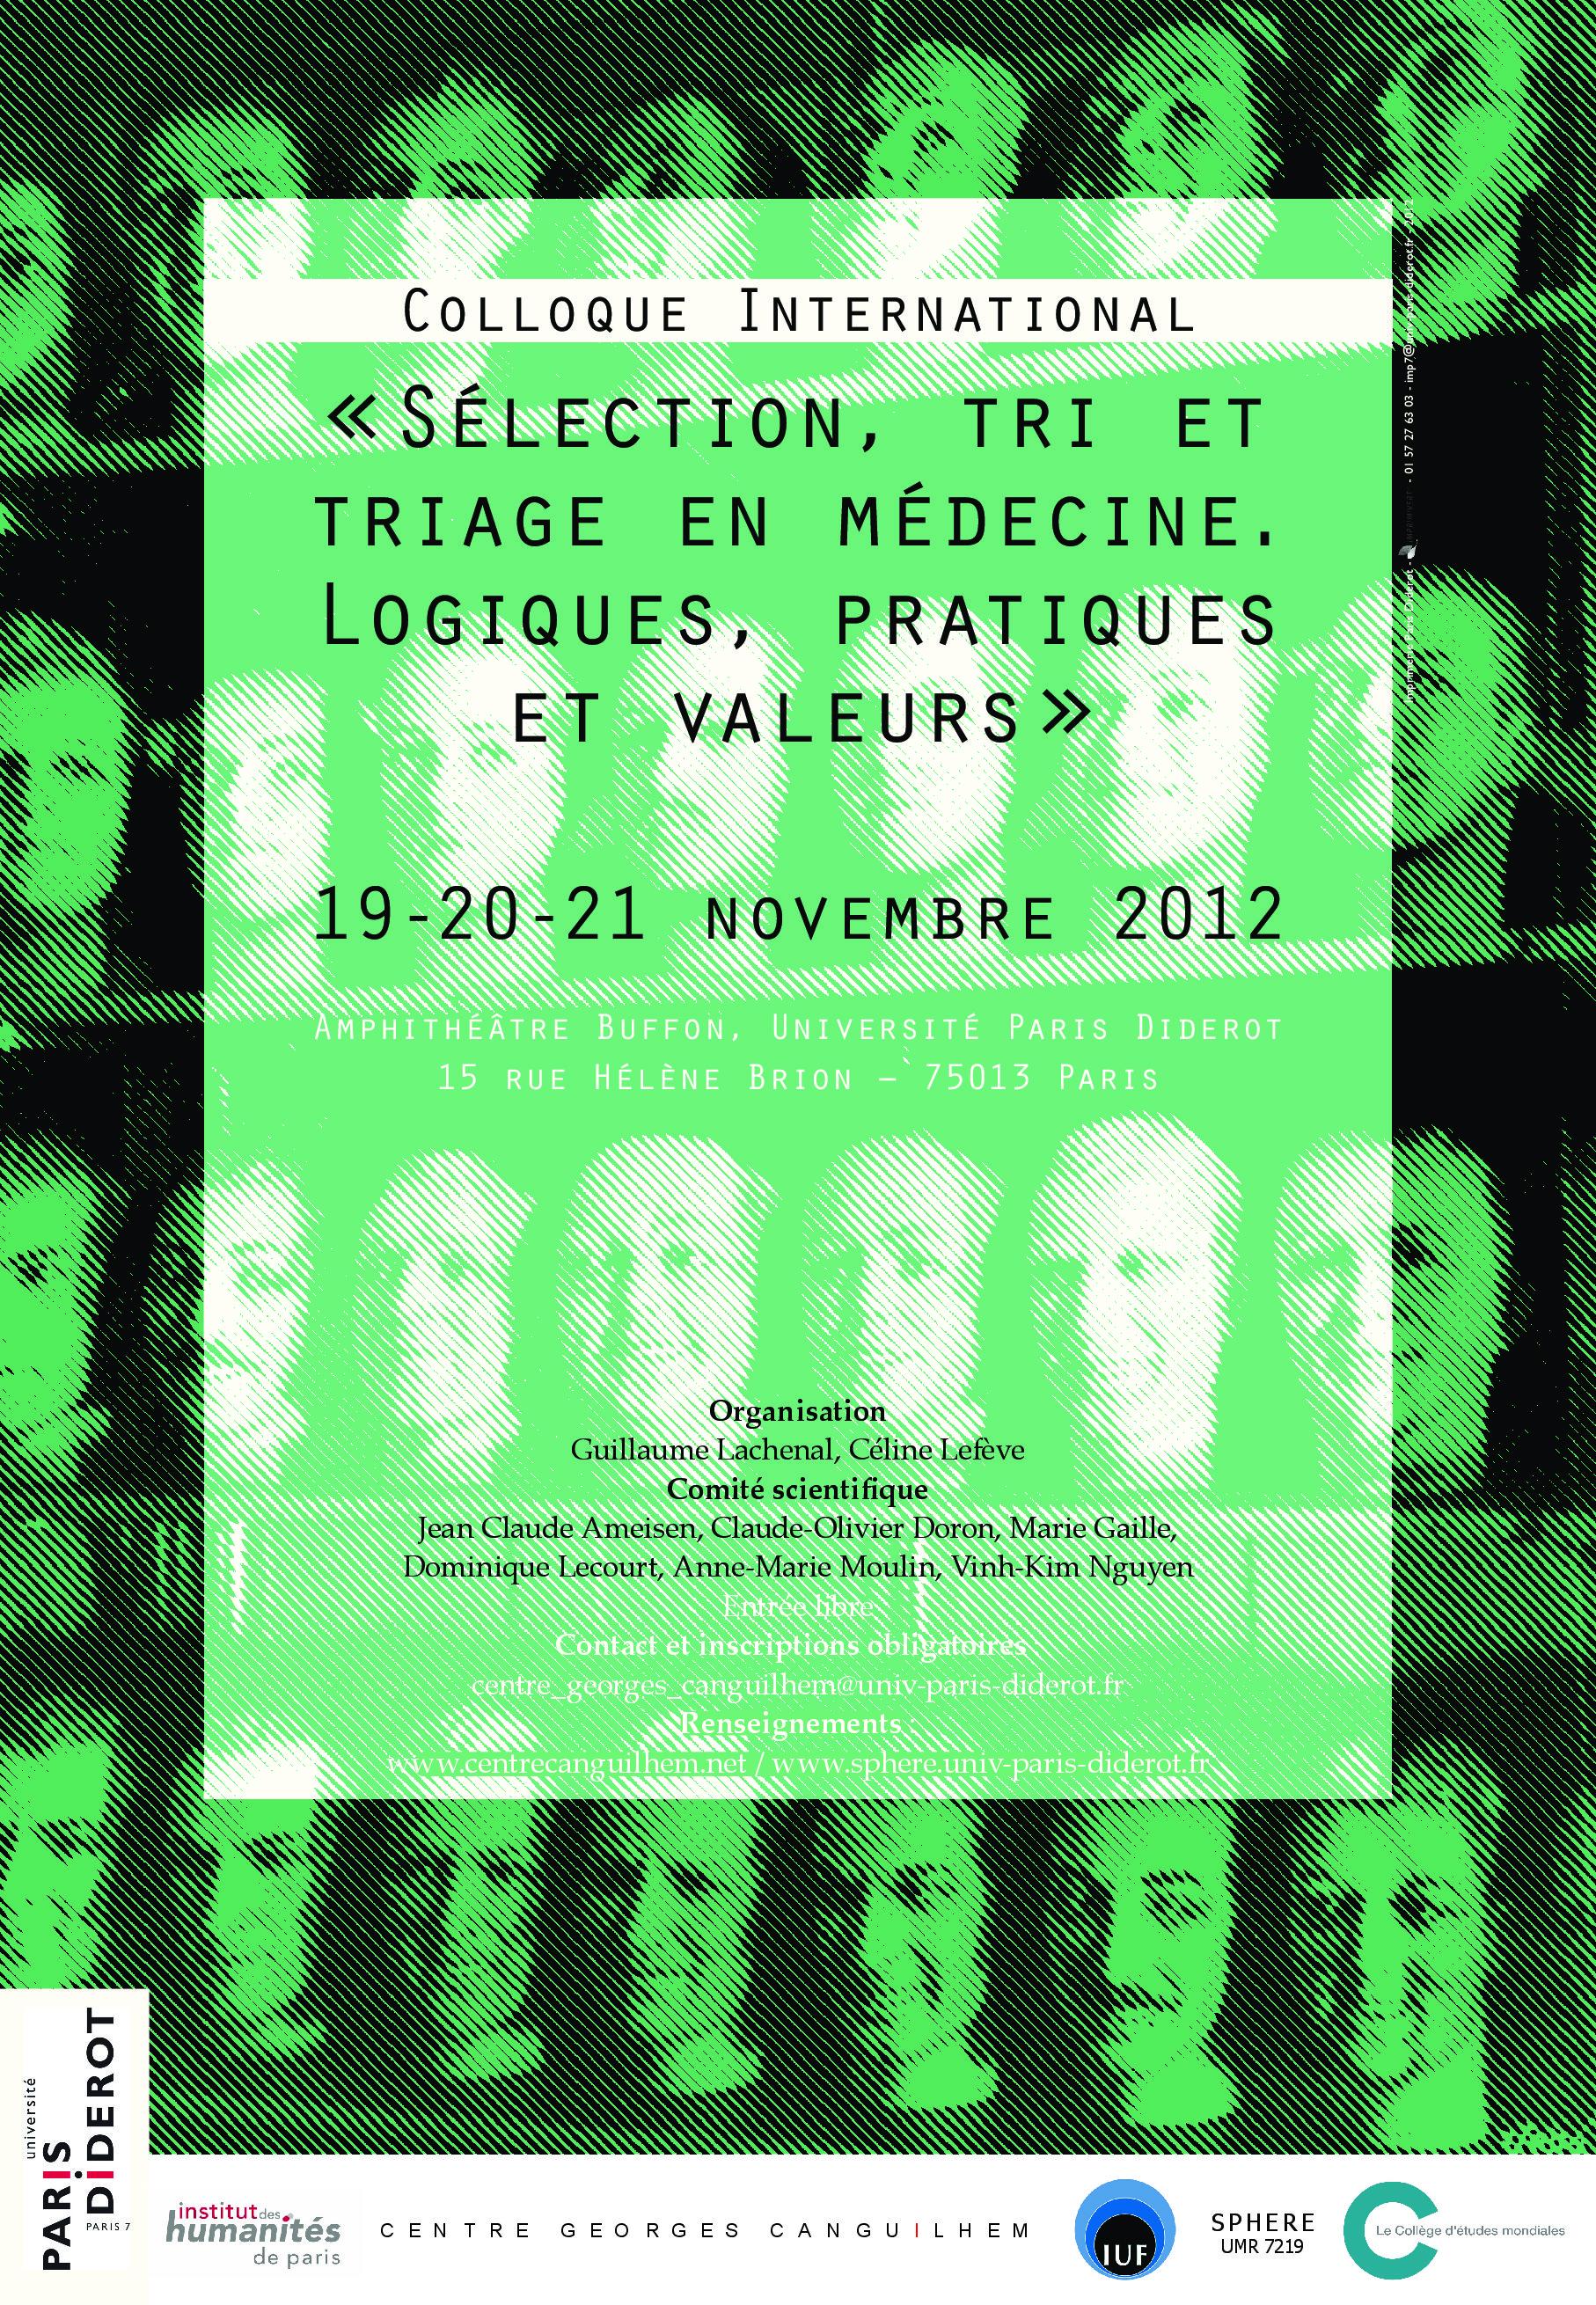 """Colloque """"Sélection, tri et triage en médecine. Logiques, pratiques et valeurs"""" (nov. 2012)"""